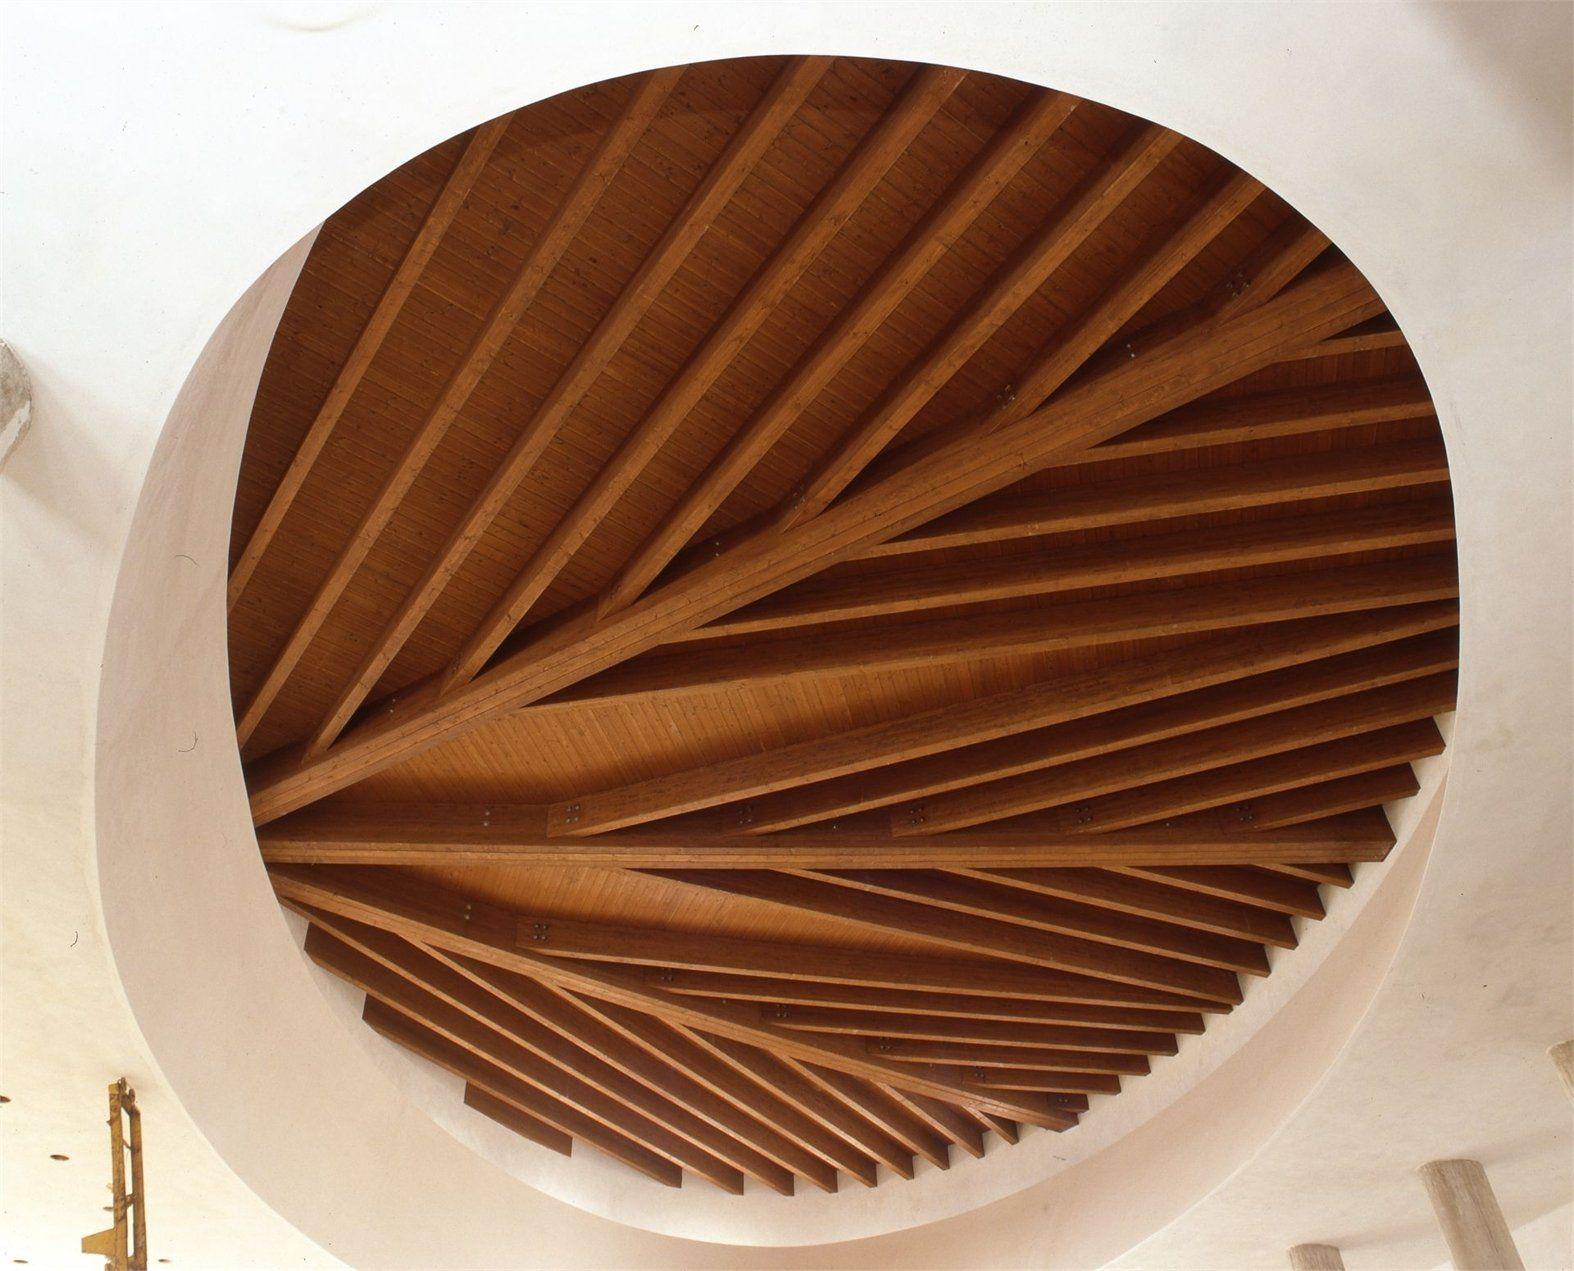 Soffitto In Legno Lamellare : Moretti interholz coperture in legno lamellare e geometrie per l